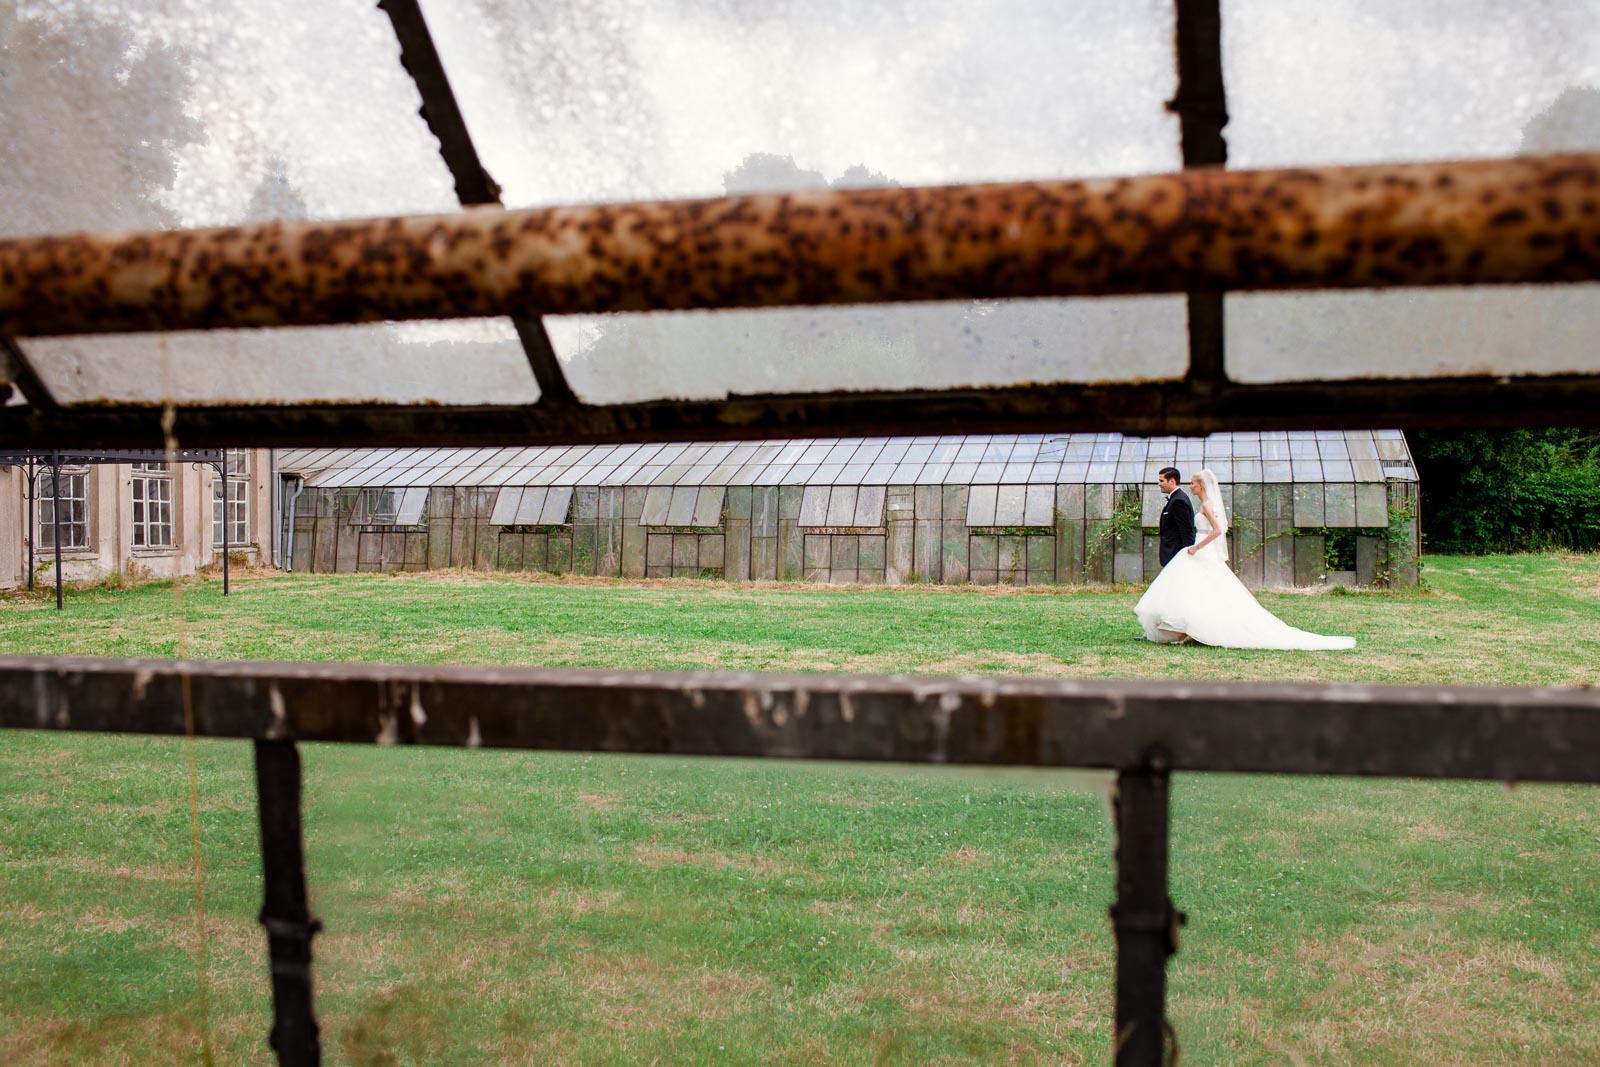 Hochzeitsfotograf Wesel - Schloss Diersfordt_068.jpg